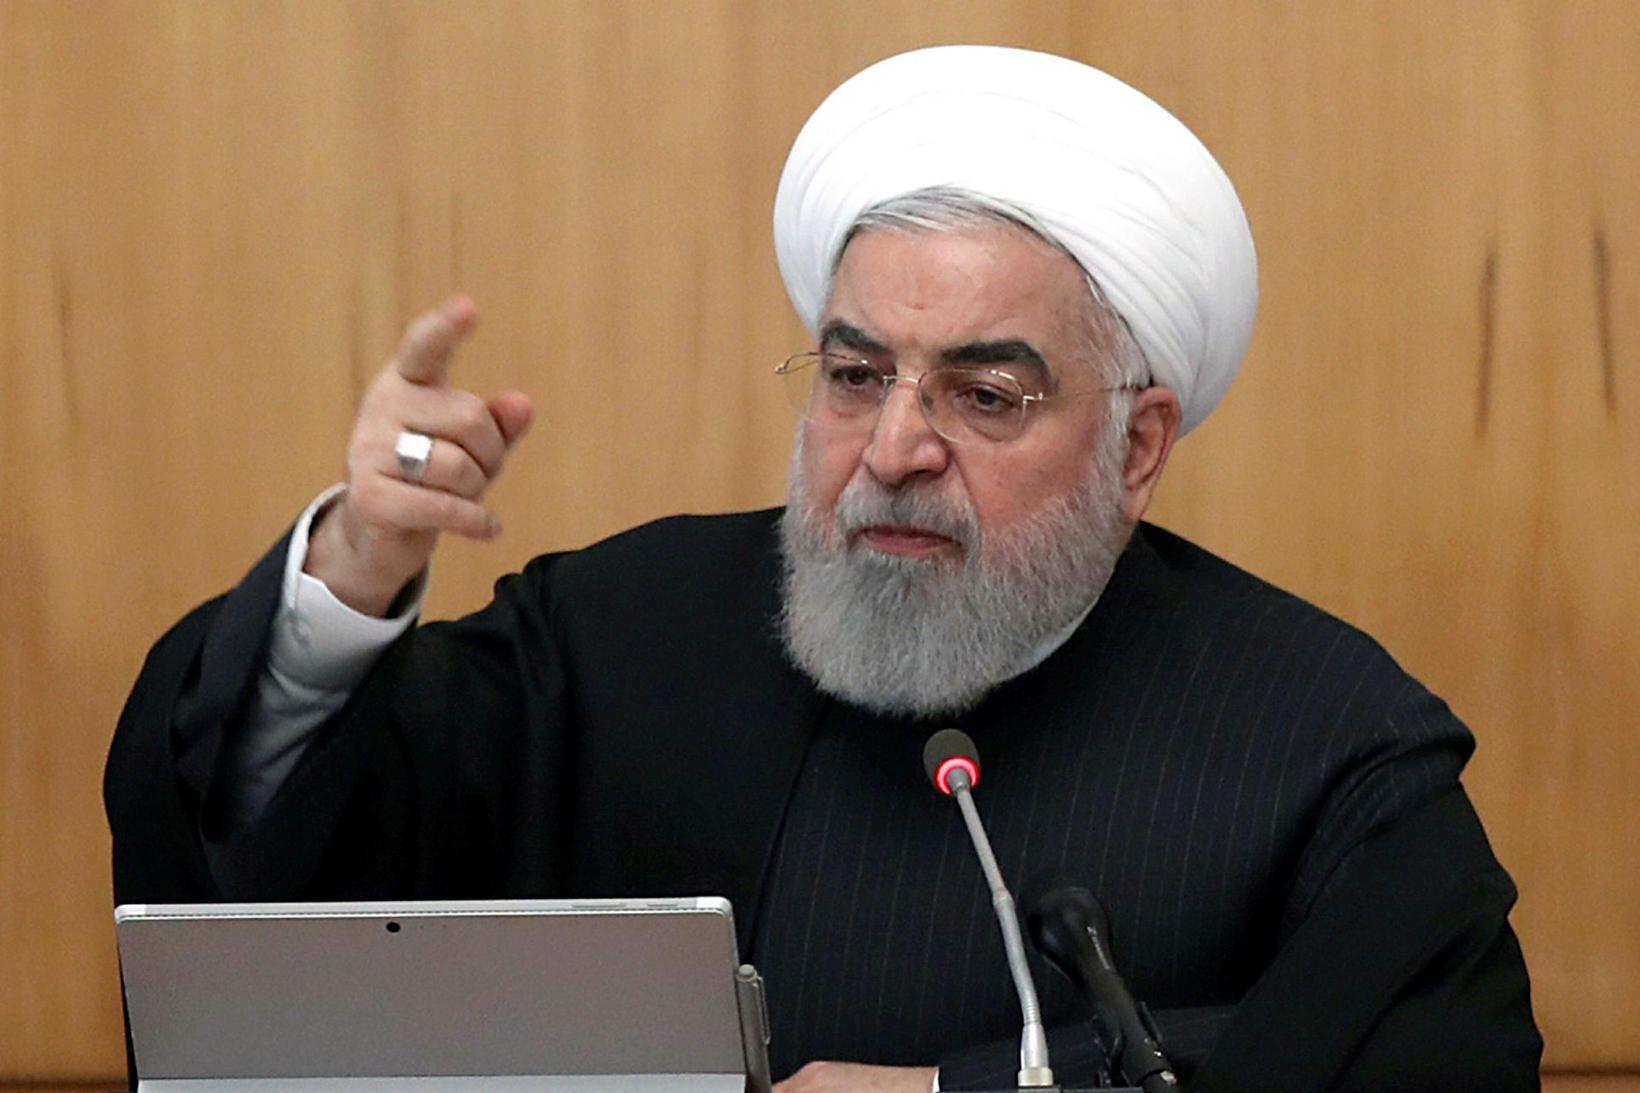 Hassan Rouhani forseti Írans flutti sjónvarpsávarp í dag að loknum …